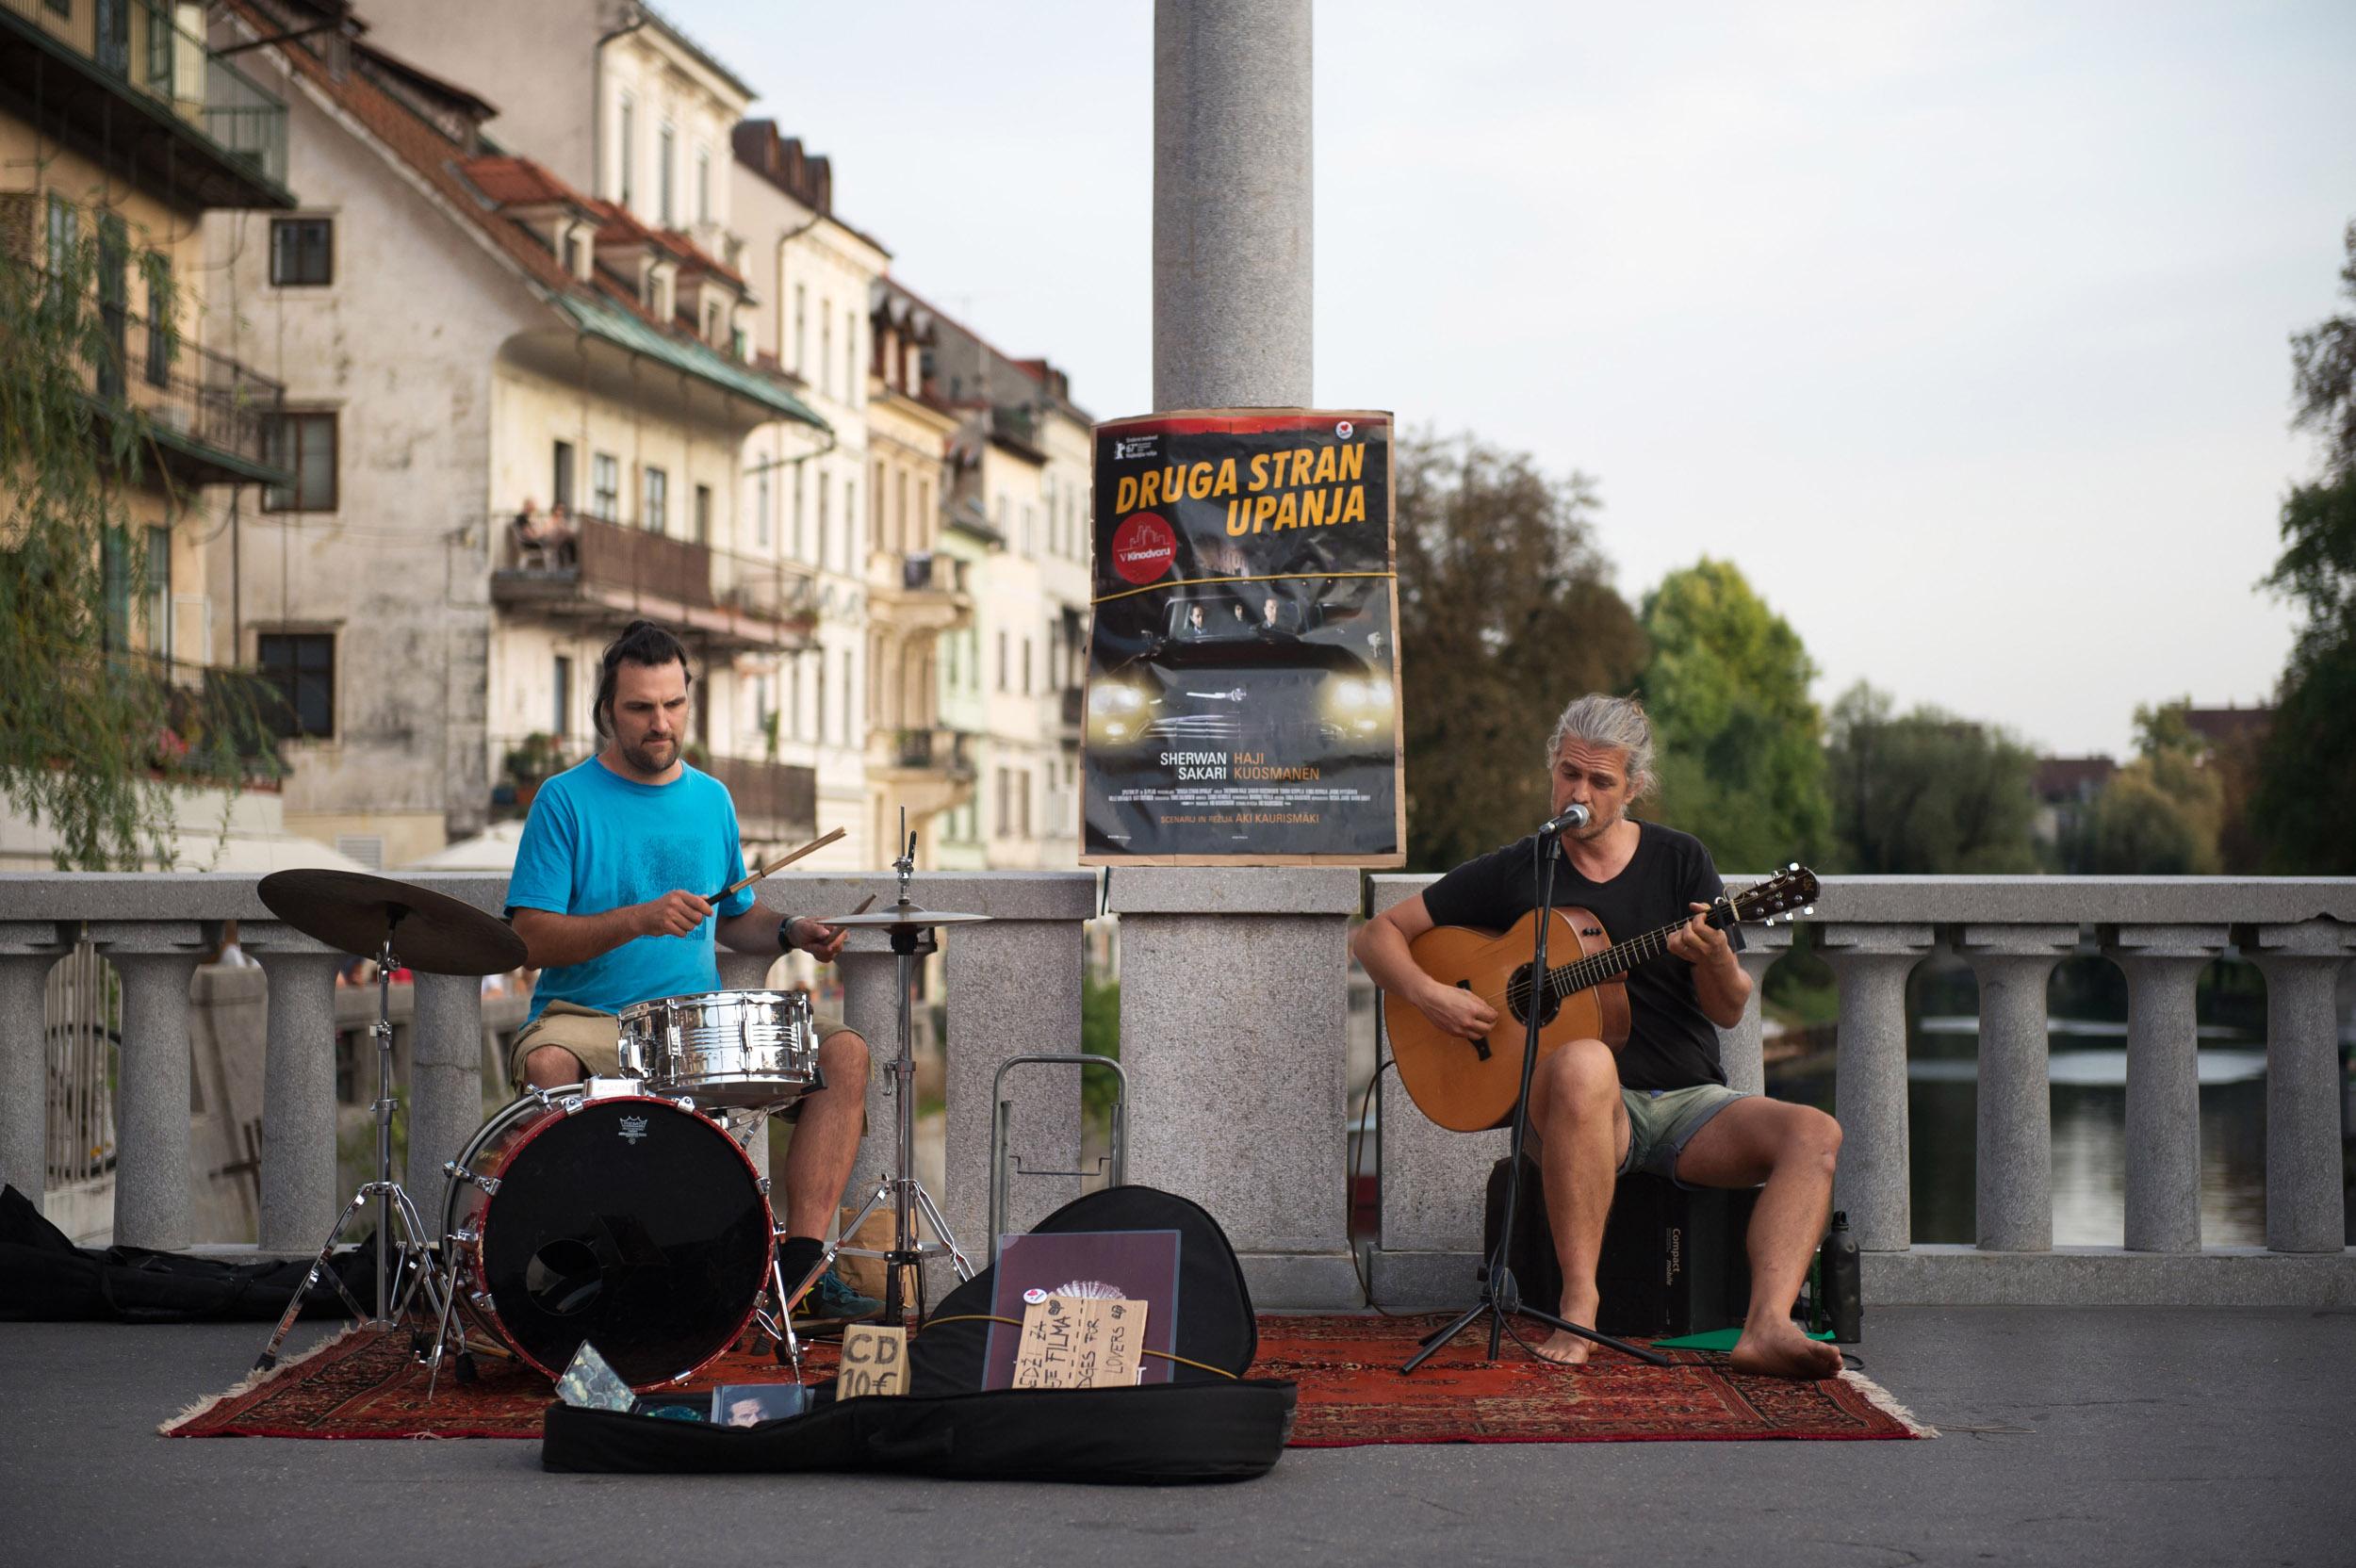 Druga stran upanja: Skulaa tai delaa, zvoki ulične glasbe